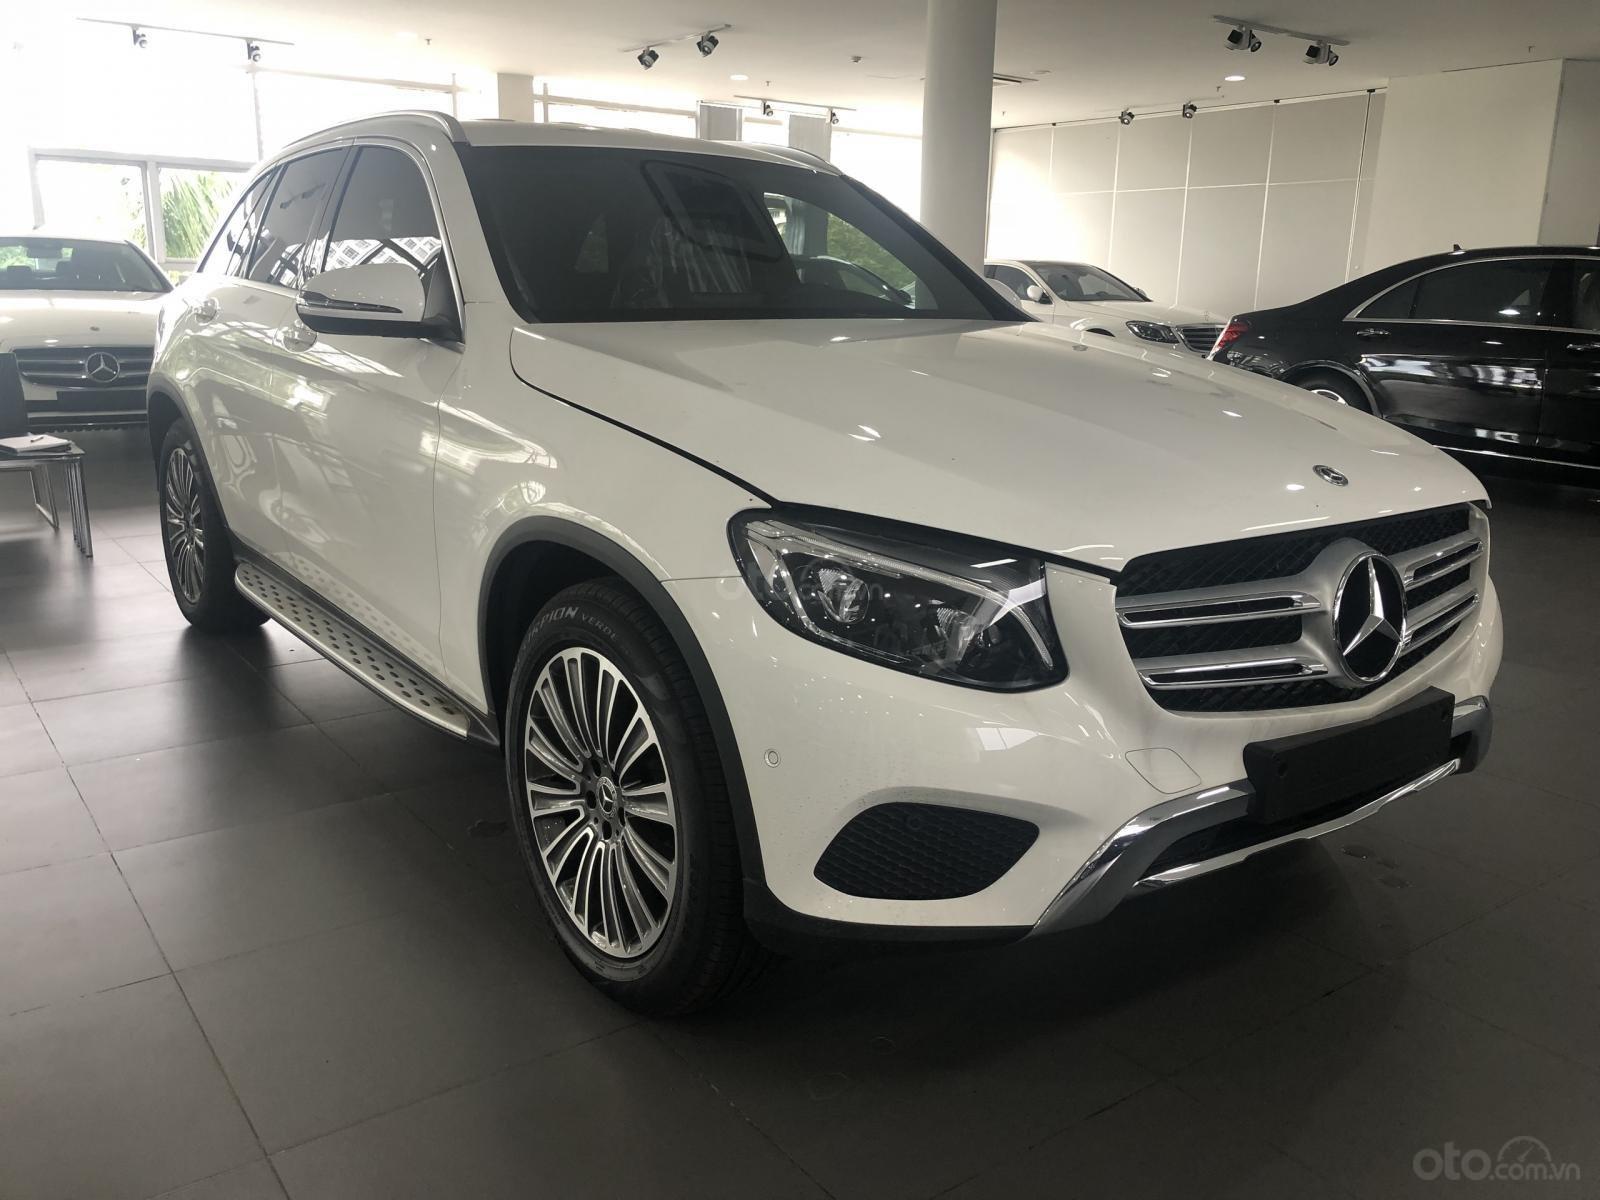 Bán Mercedes GLC250 2019 ưu đãi tốt xe giao ngay tại Mercedes Phú Mỹ Hưng (7)